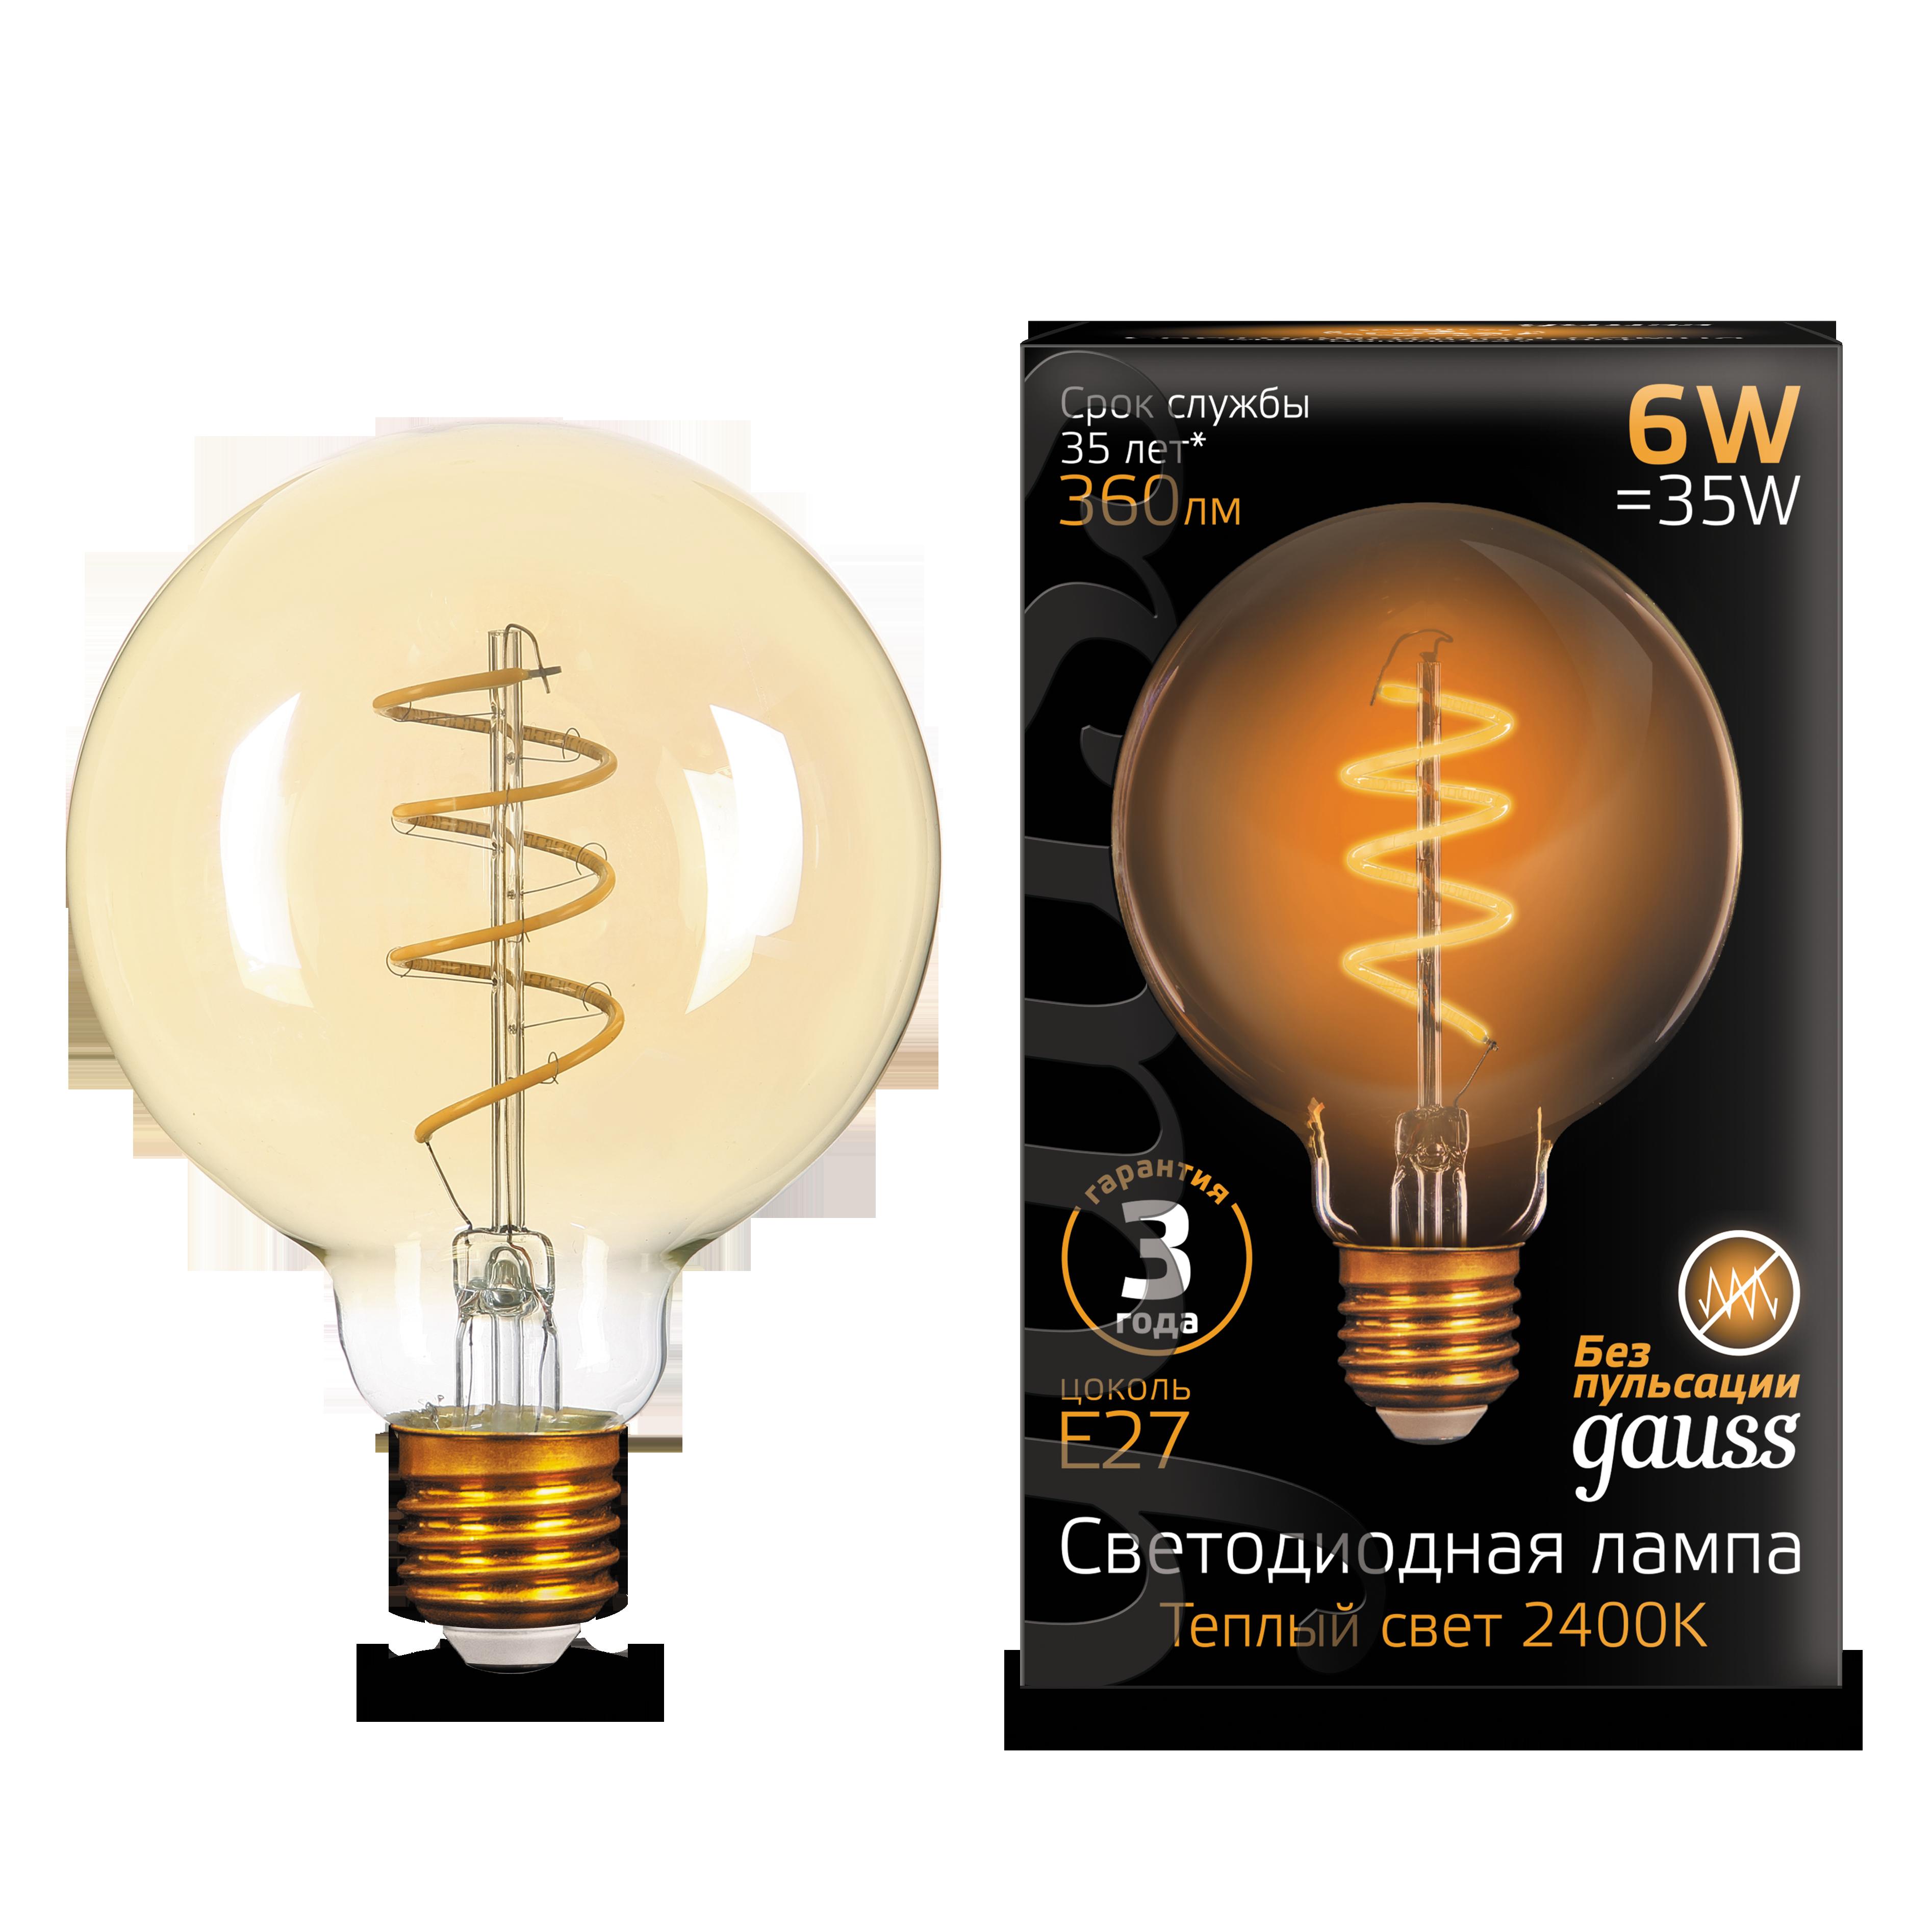 Филаментная светодиодная лампа Gauss 105802007 шар малый E27 6W, 2400K (теплый) CRI>90 185-265V, гарантия 3 года - фото 1